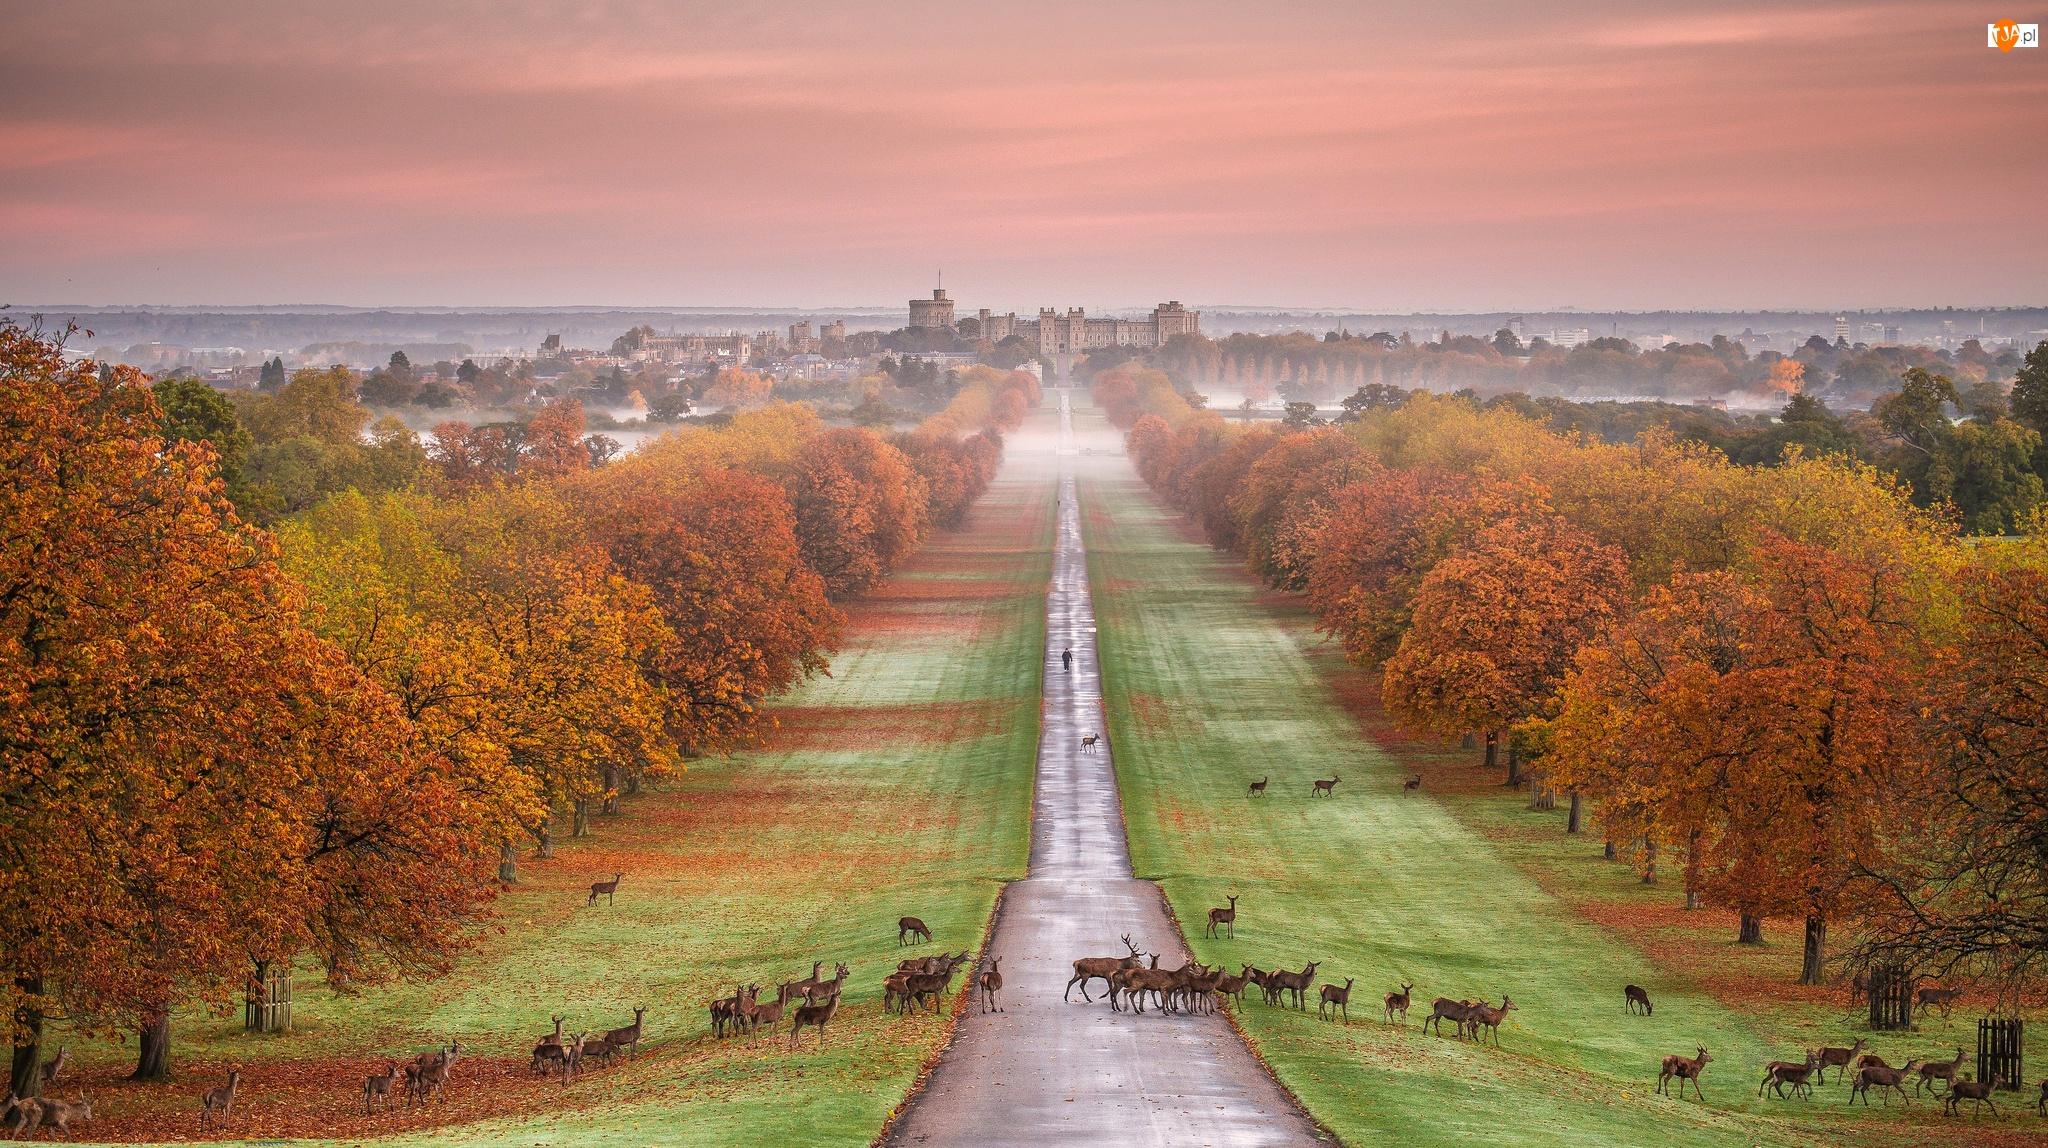 Jelenie, Park, Mgła, Anglia, Zamek Windsor, Wielka Brytania, Droga, Hrabstwo Berkshire, Drzewa